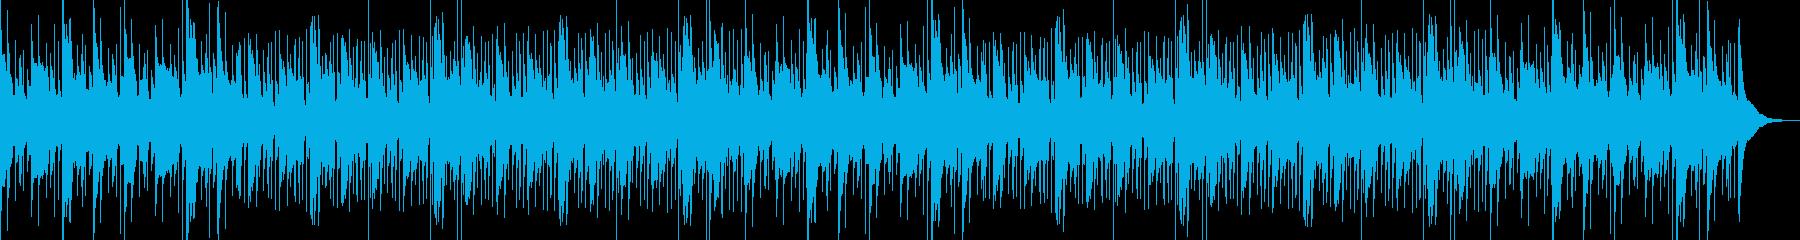 温かい・幻想的・切ない・チルアウトの再生済みの波形